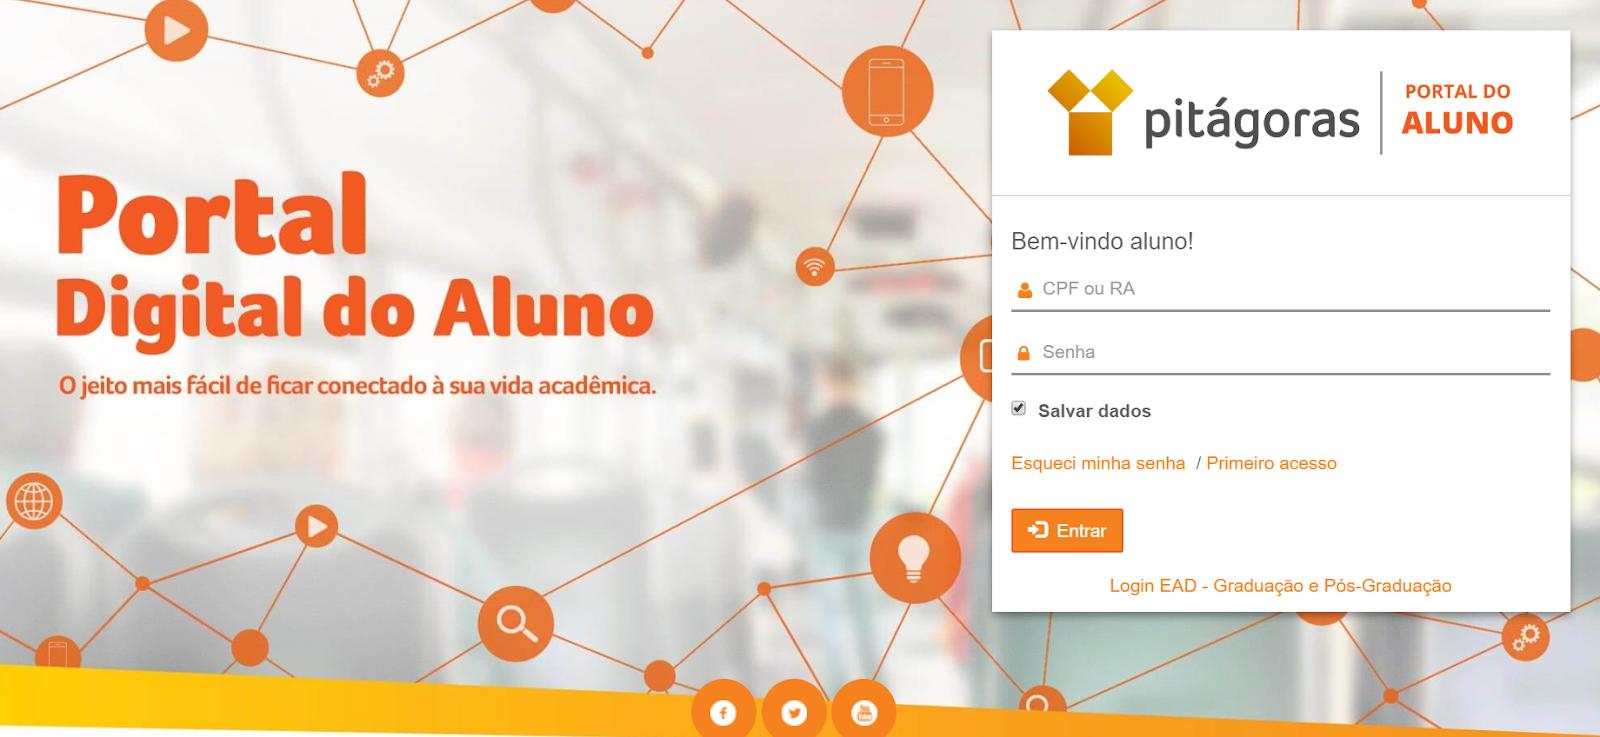 acesso portal do aluno pitágoras